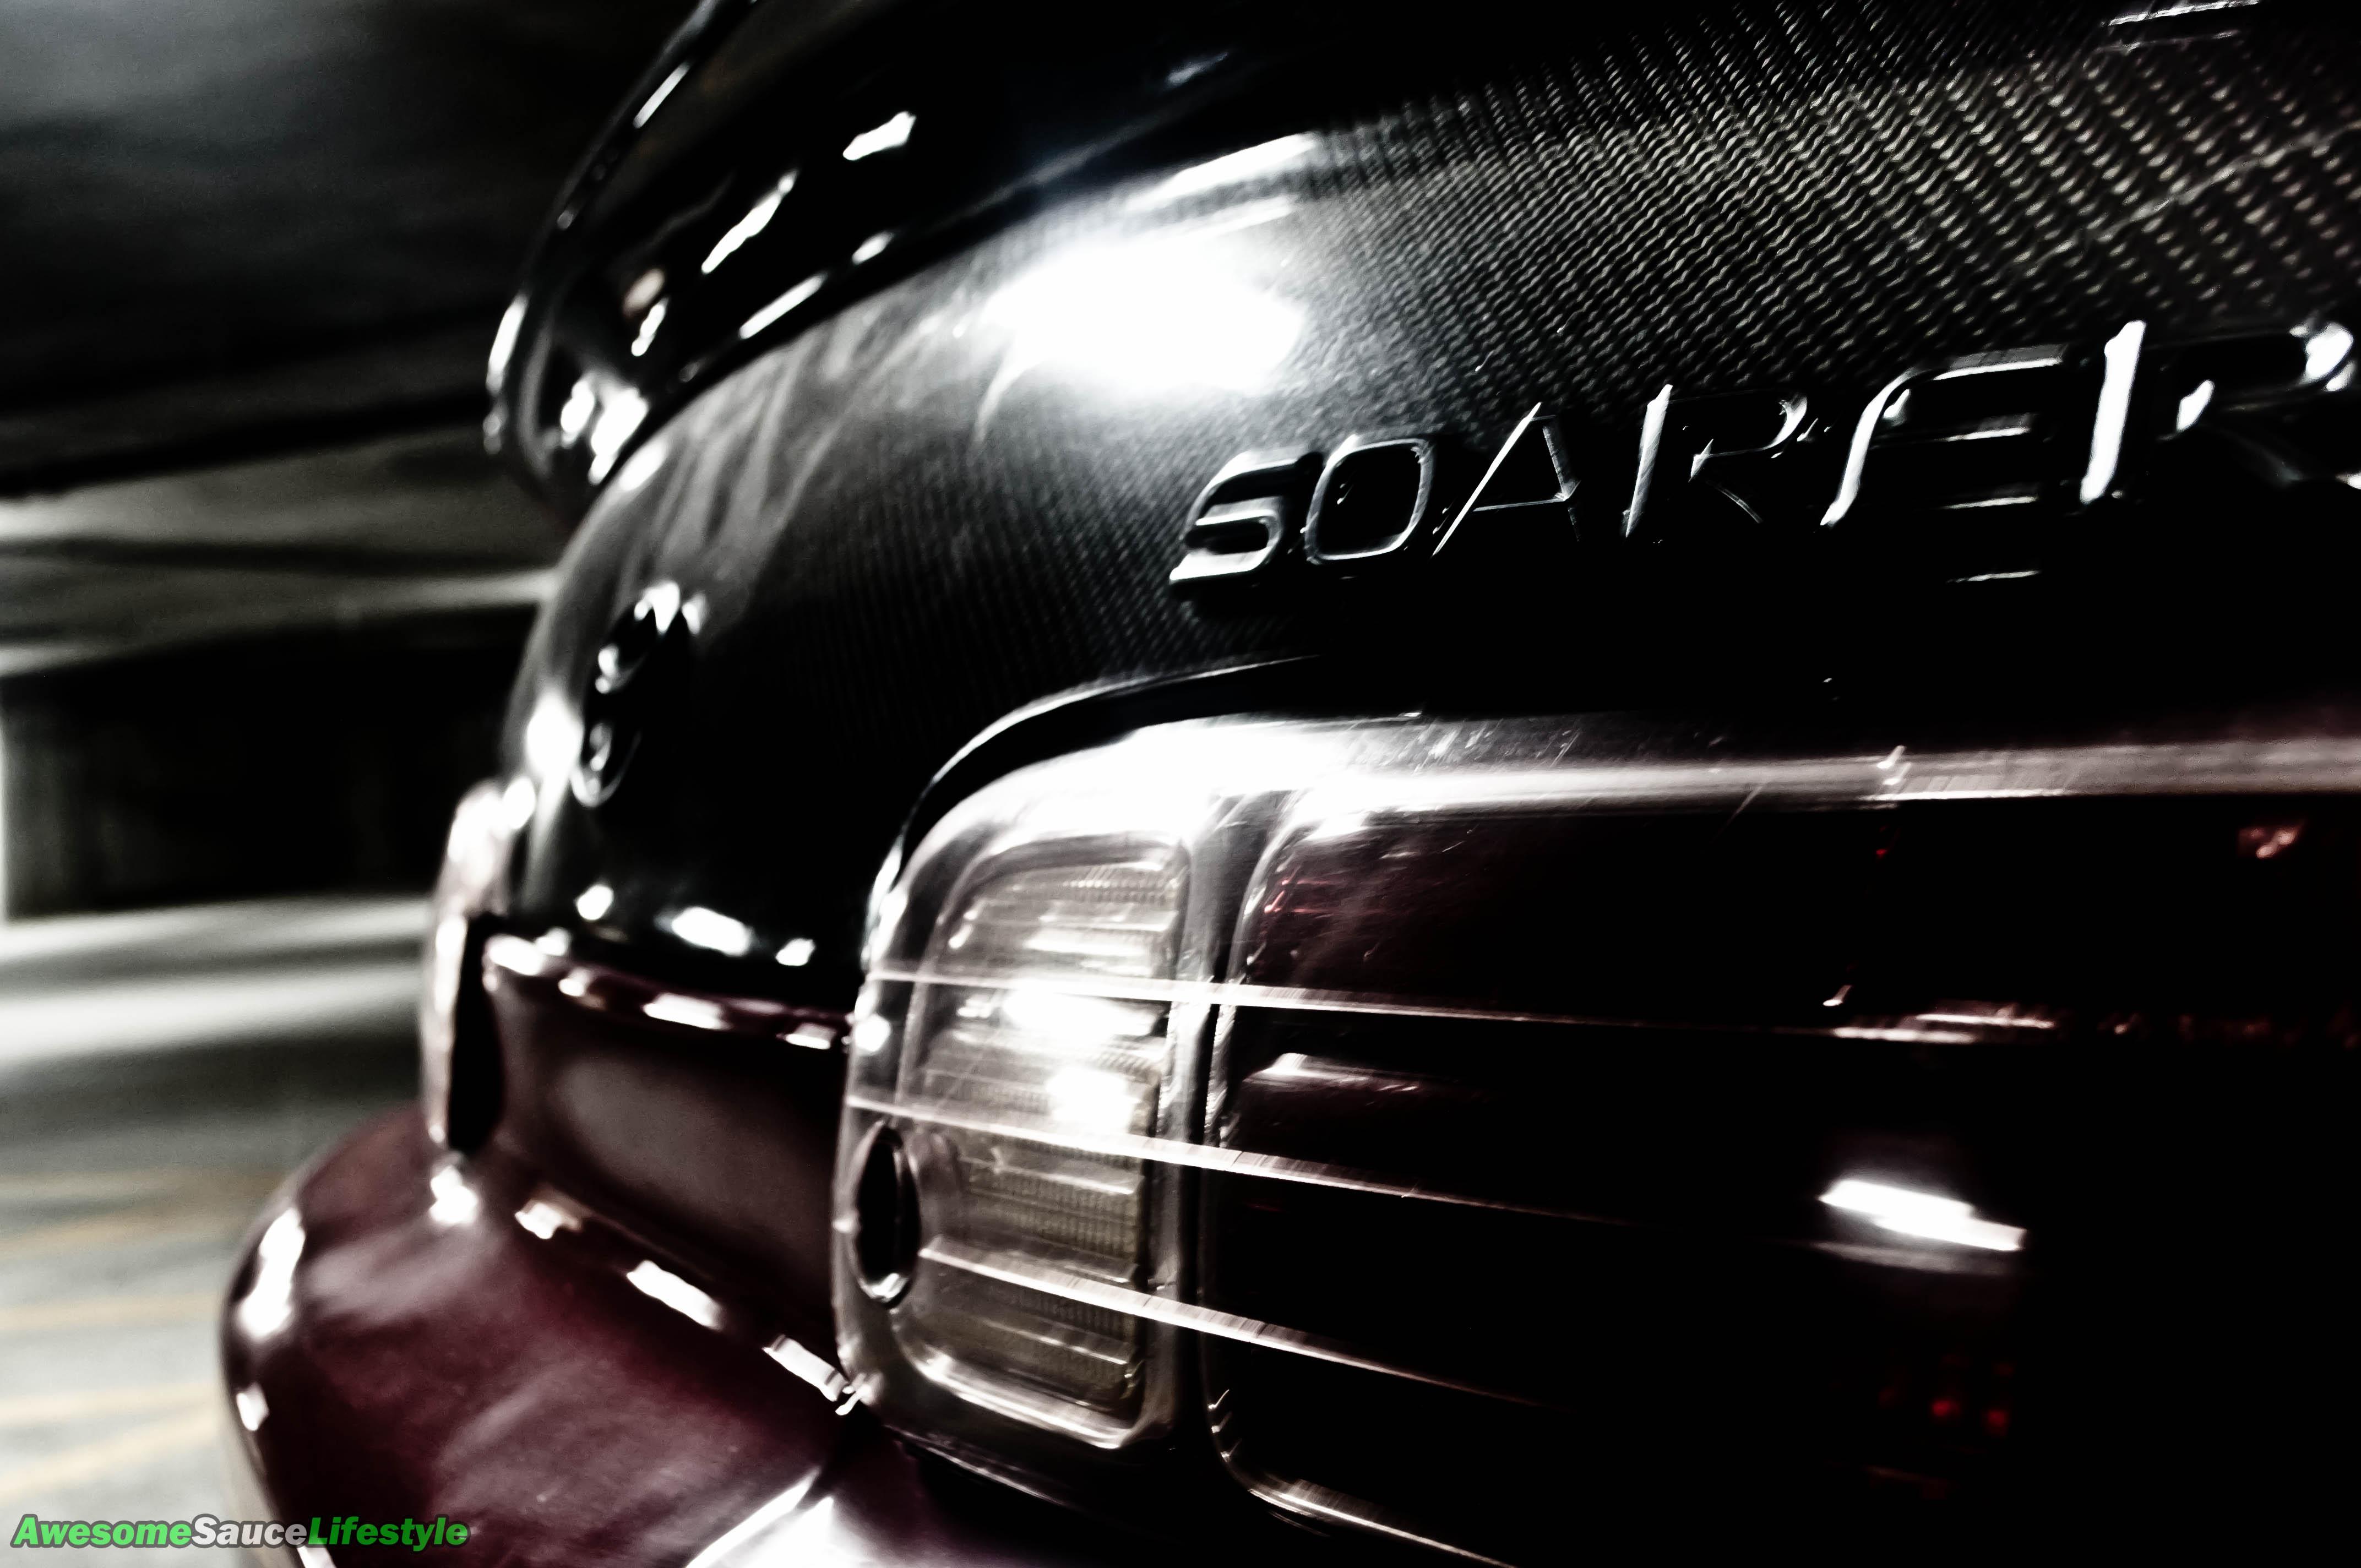 Feature 1995 Lexus Sc400 1993 Lexus Sc300